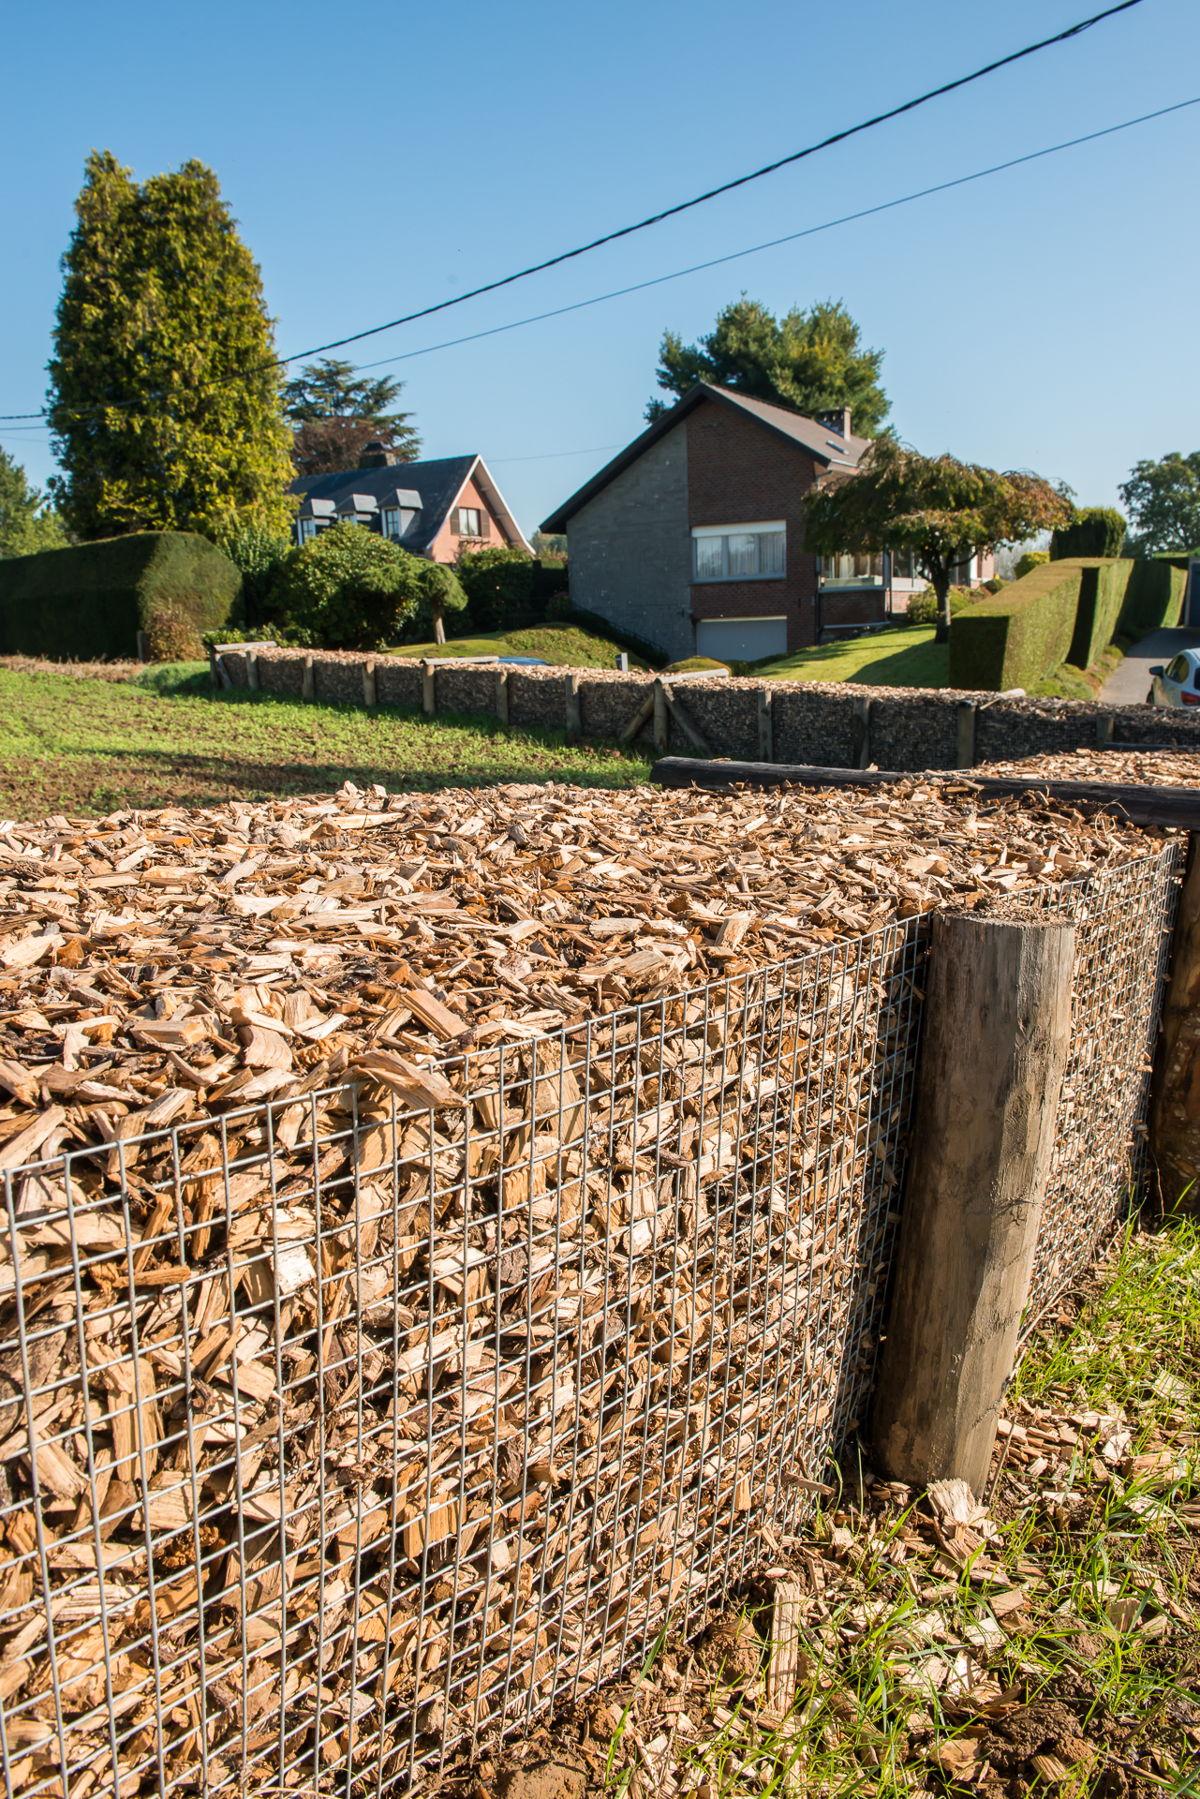 De houthakseldam werd ingegraven zodat het water er niet onderdoor kan